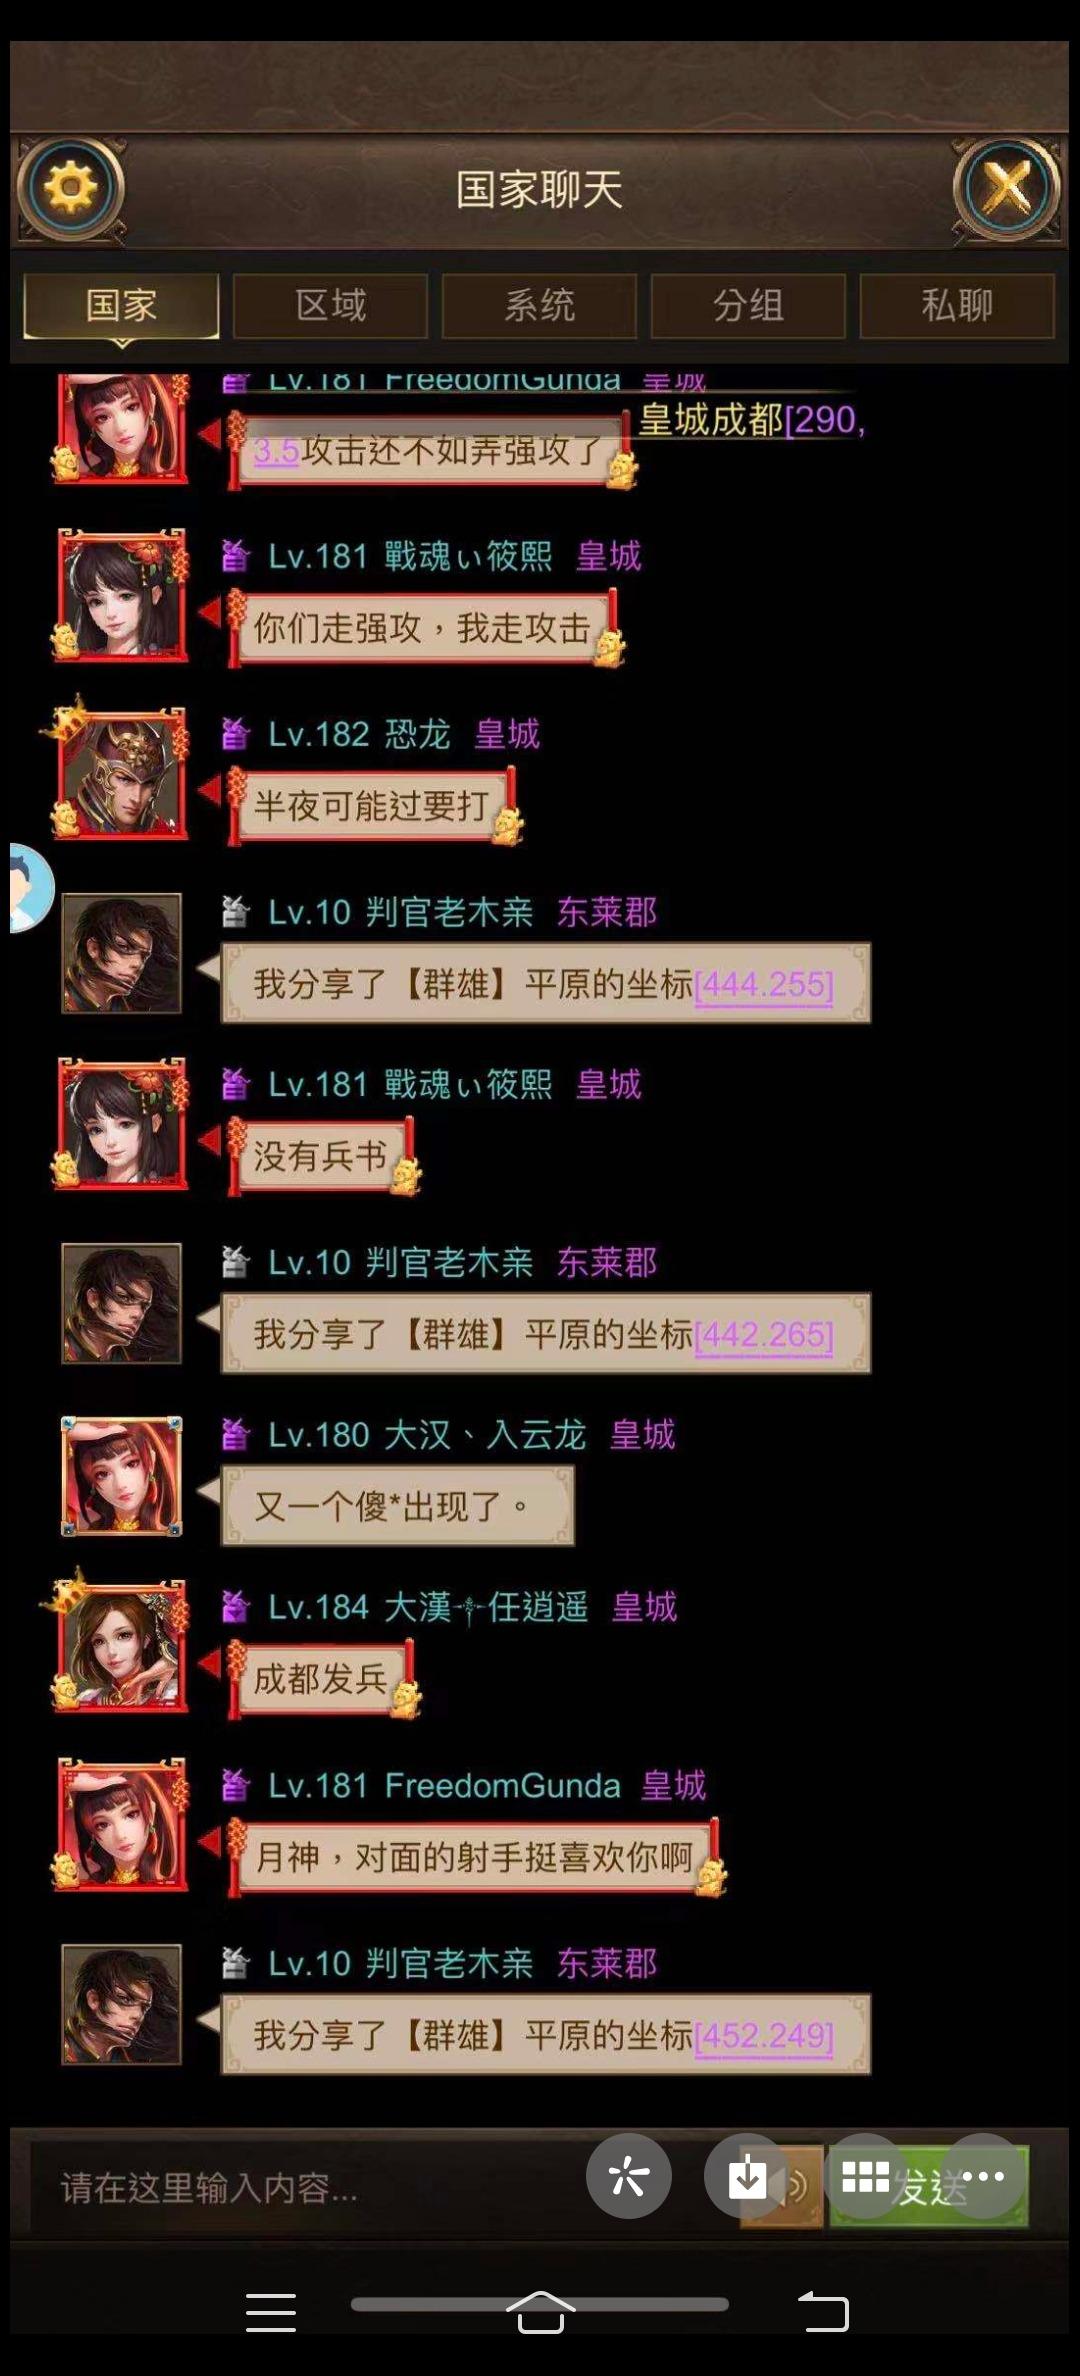 Screenshot_20210317_072517.jpg